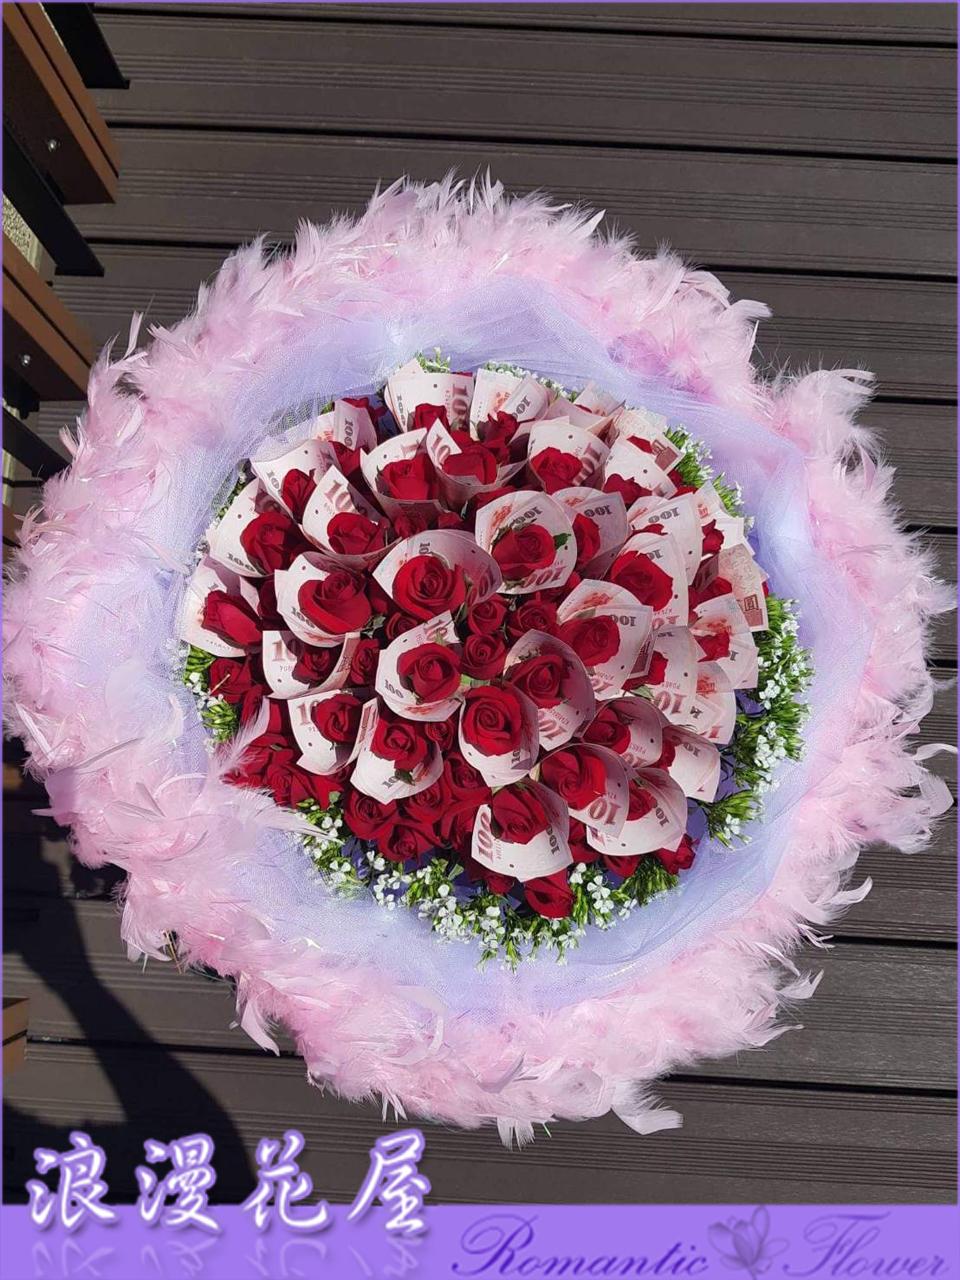 99朵玫瑰花束 鈔票 2-64